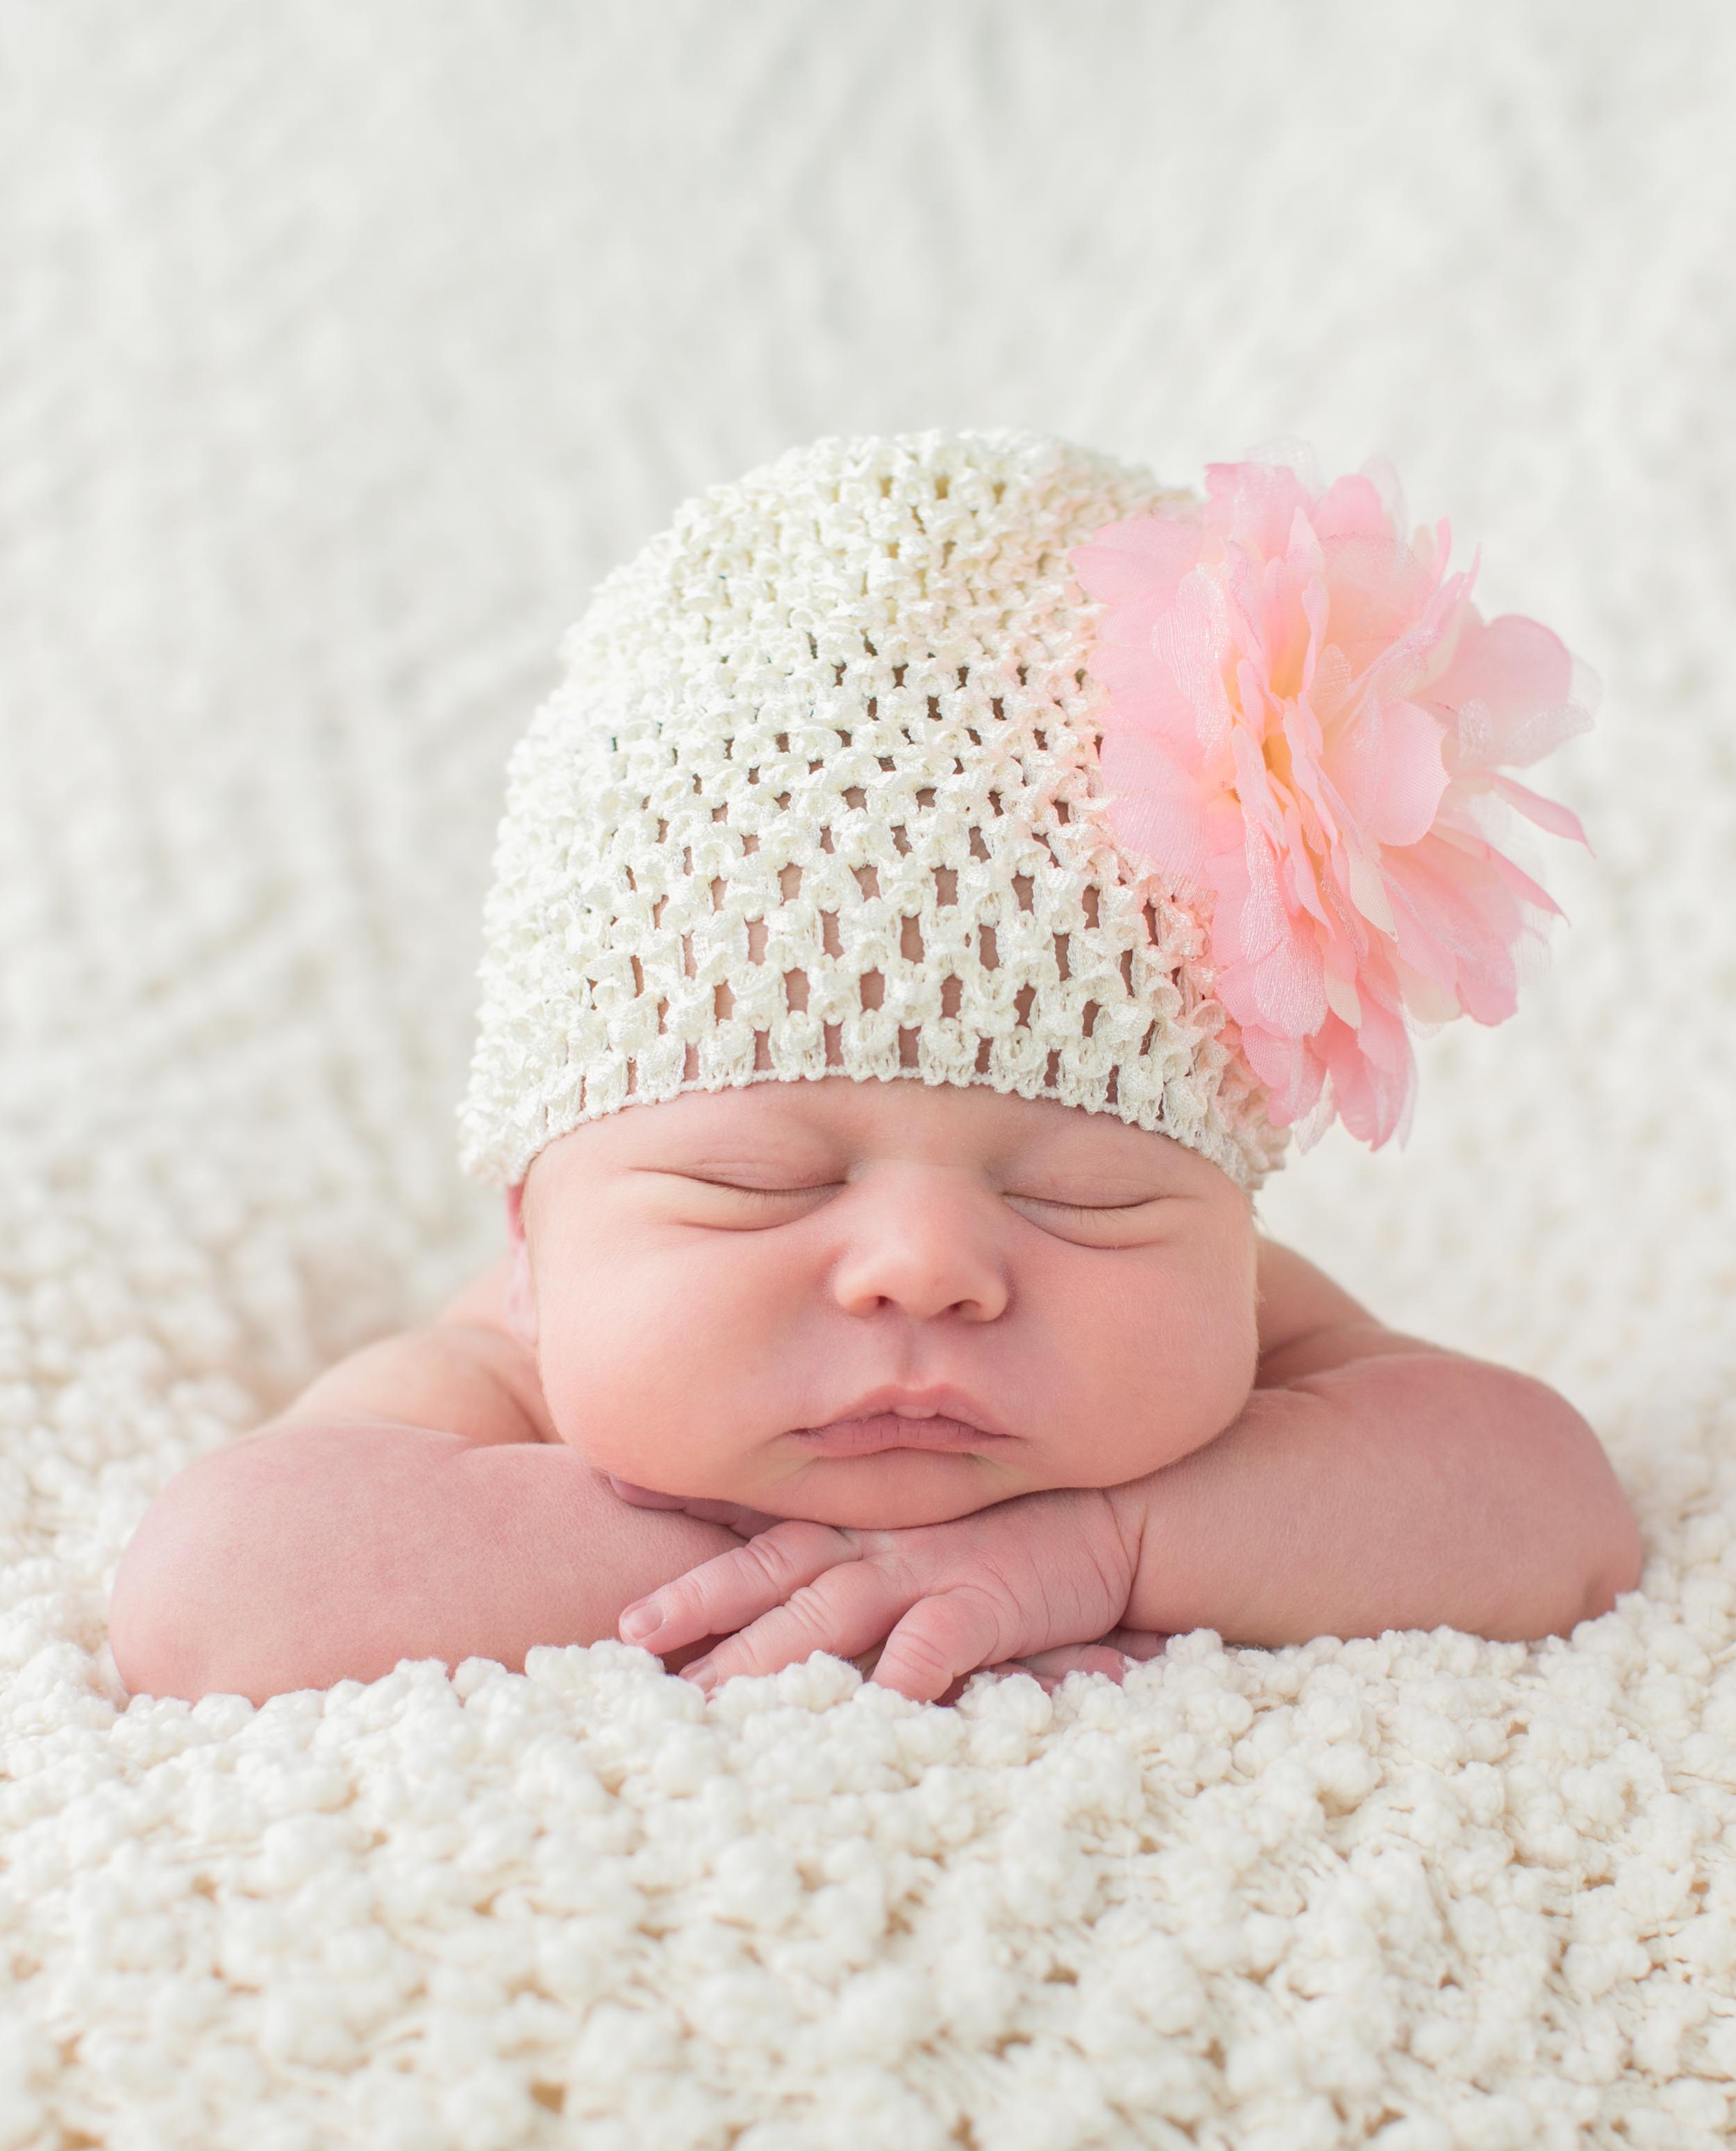 chubby cheek newborn .jpg